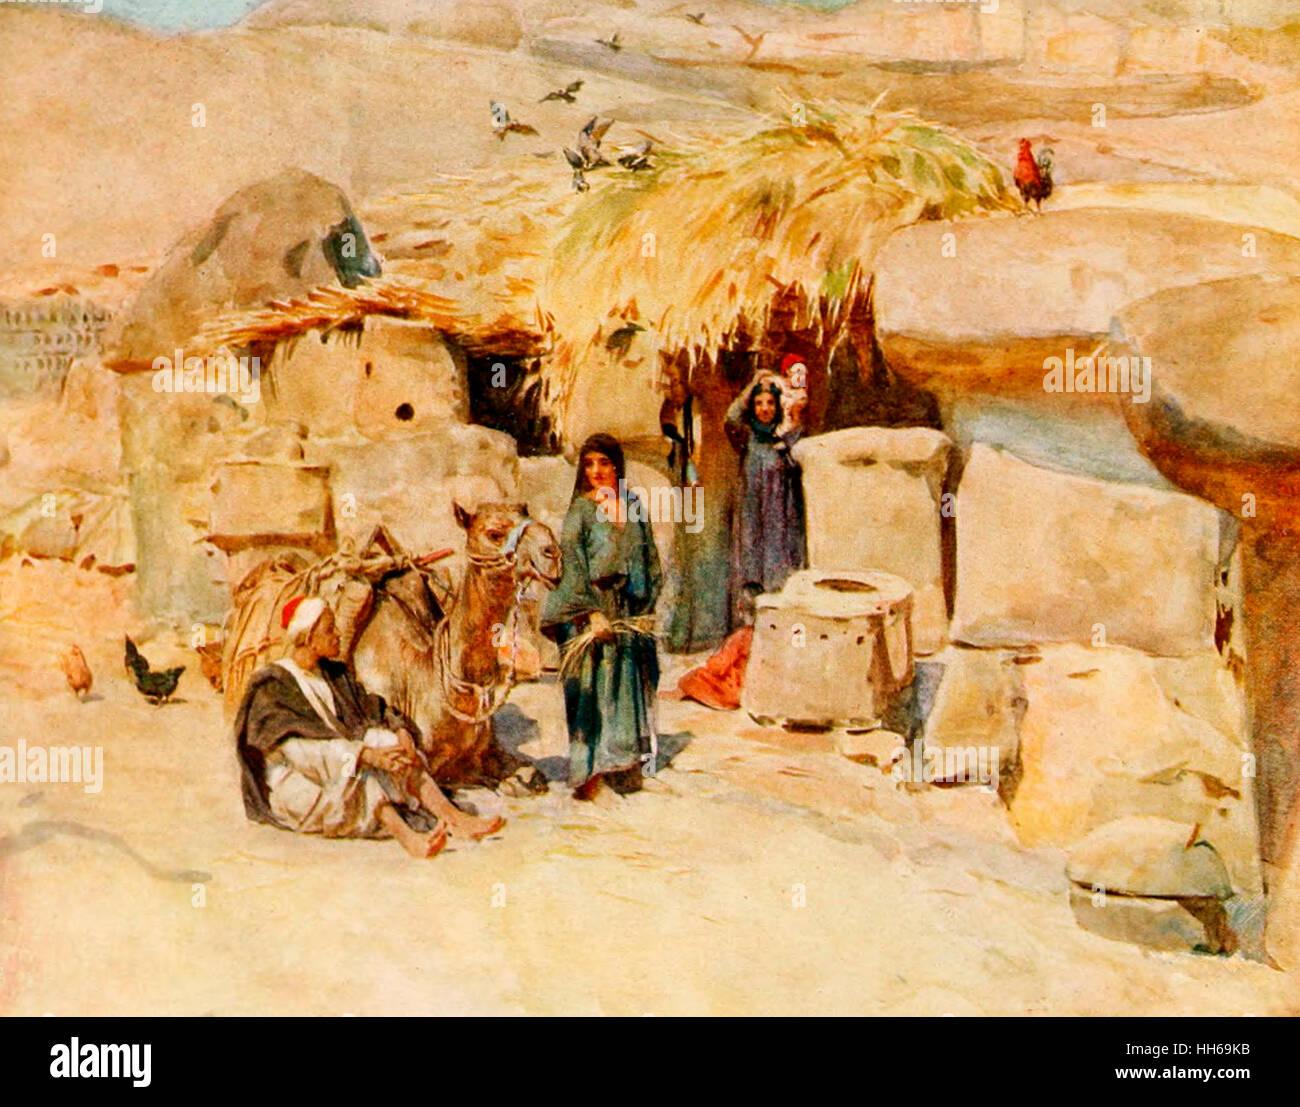 Ein thebanischen Homestead - Ägypten, ca. 1912 Stockbild